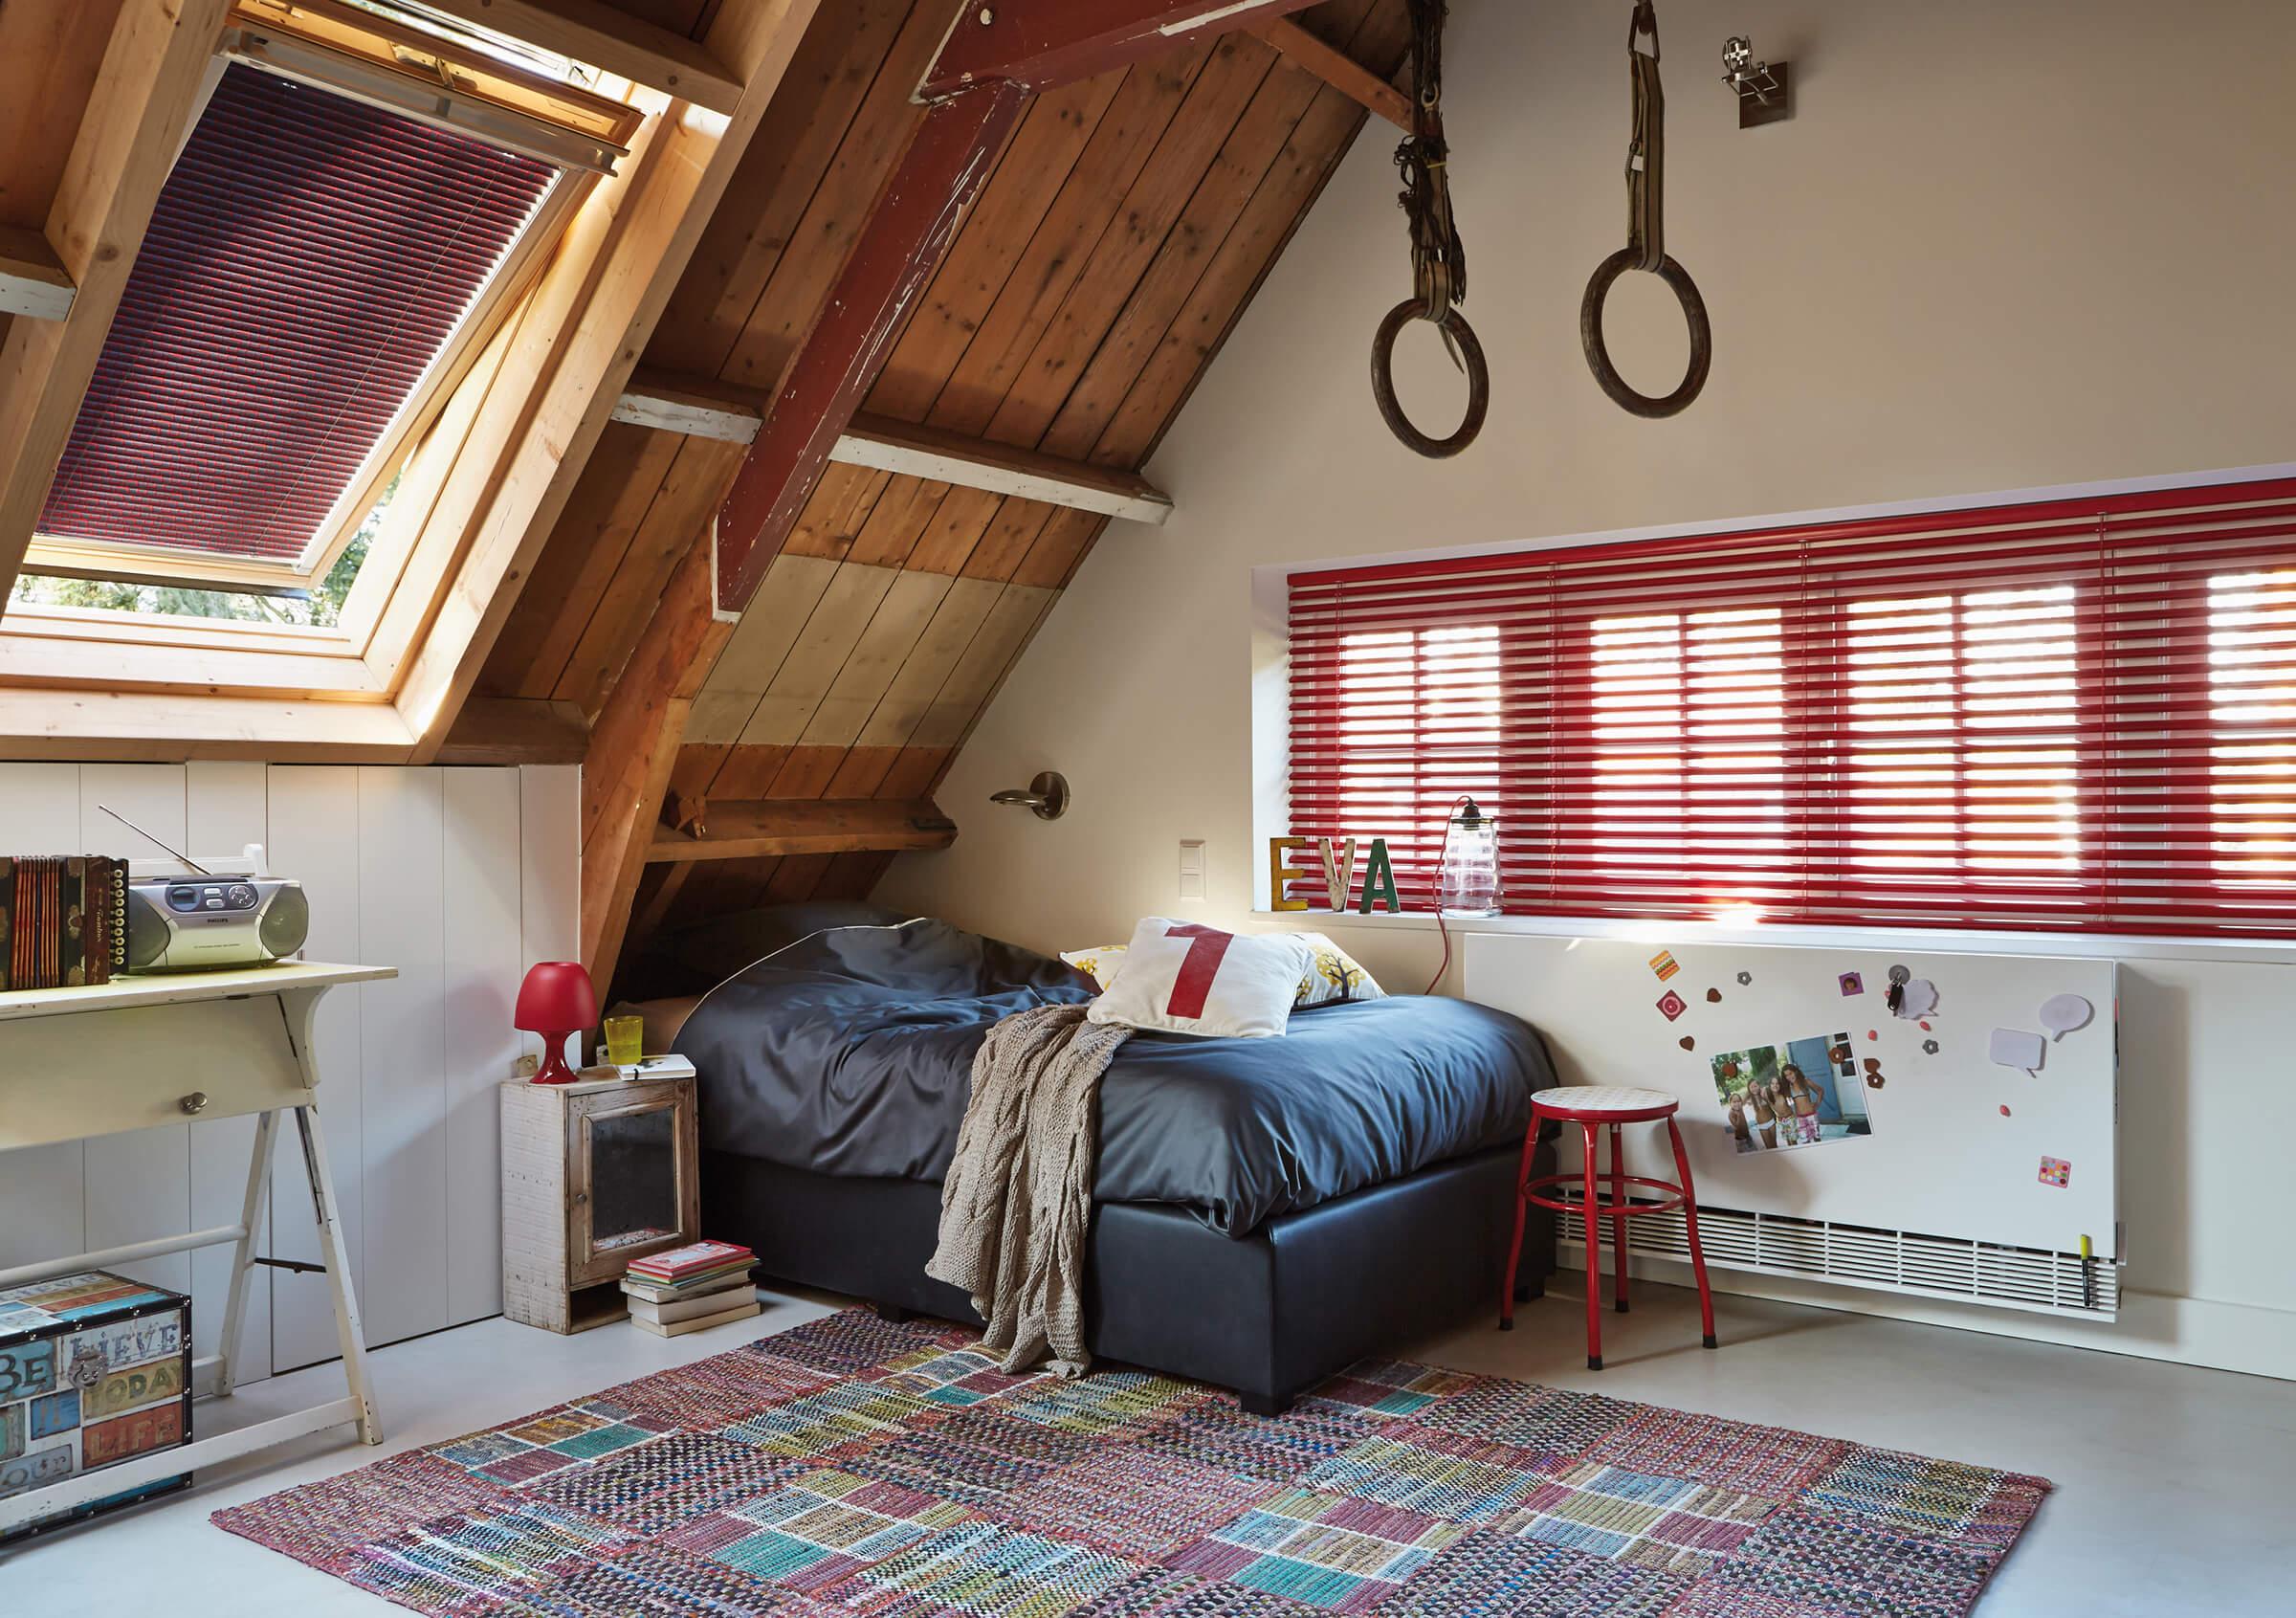 Rote Luxaflex Jalousien im Jugendzimmer